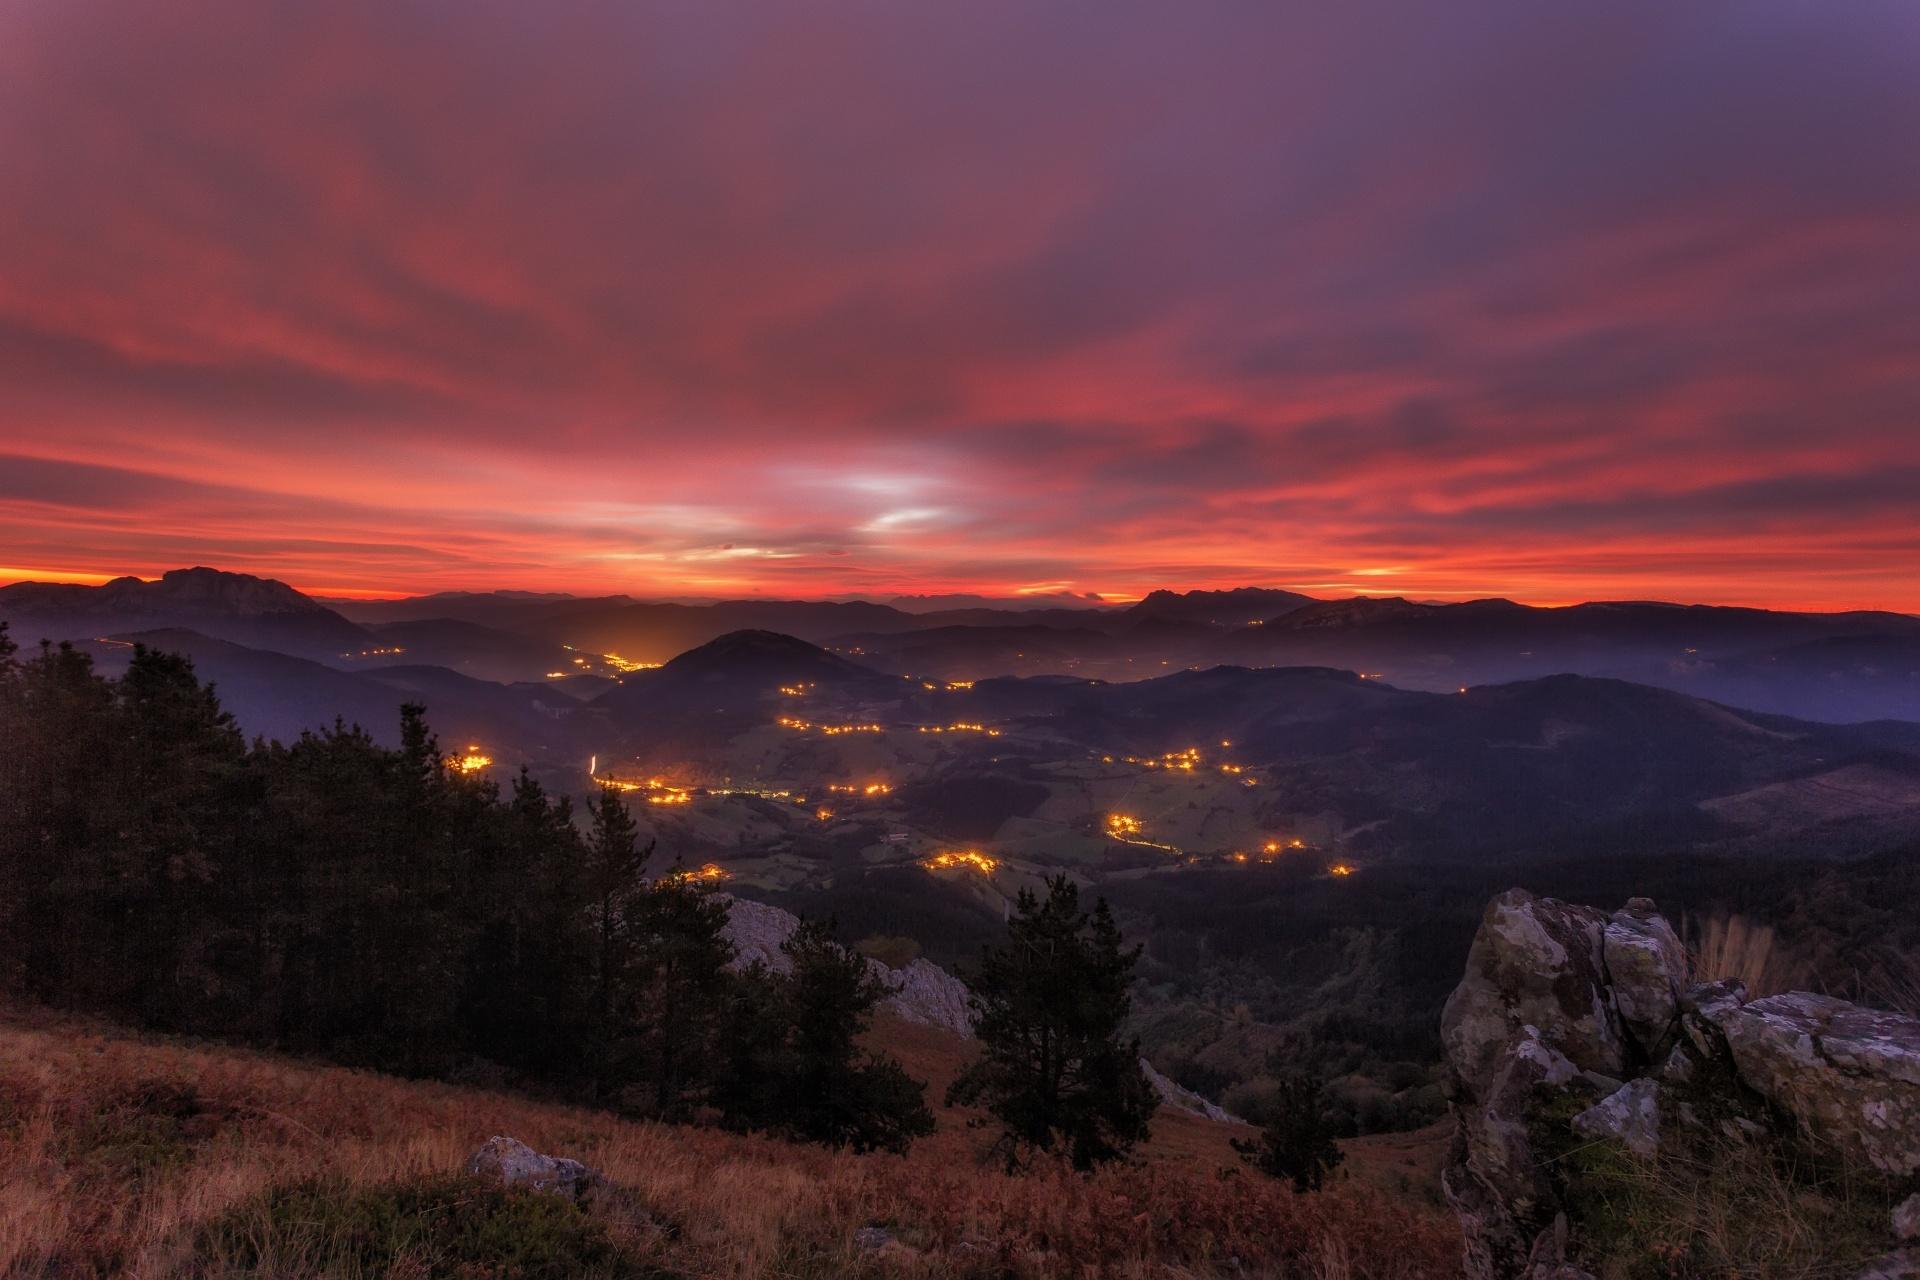 バスク 秋の日の出の風景 スペインの風景